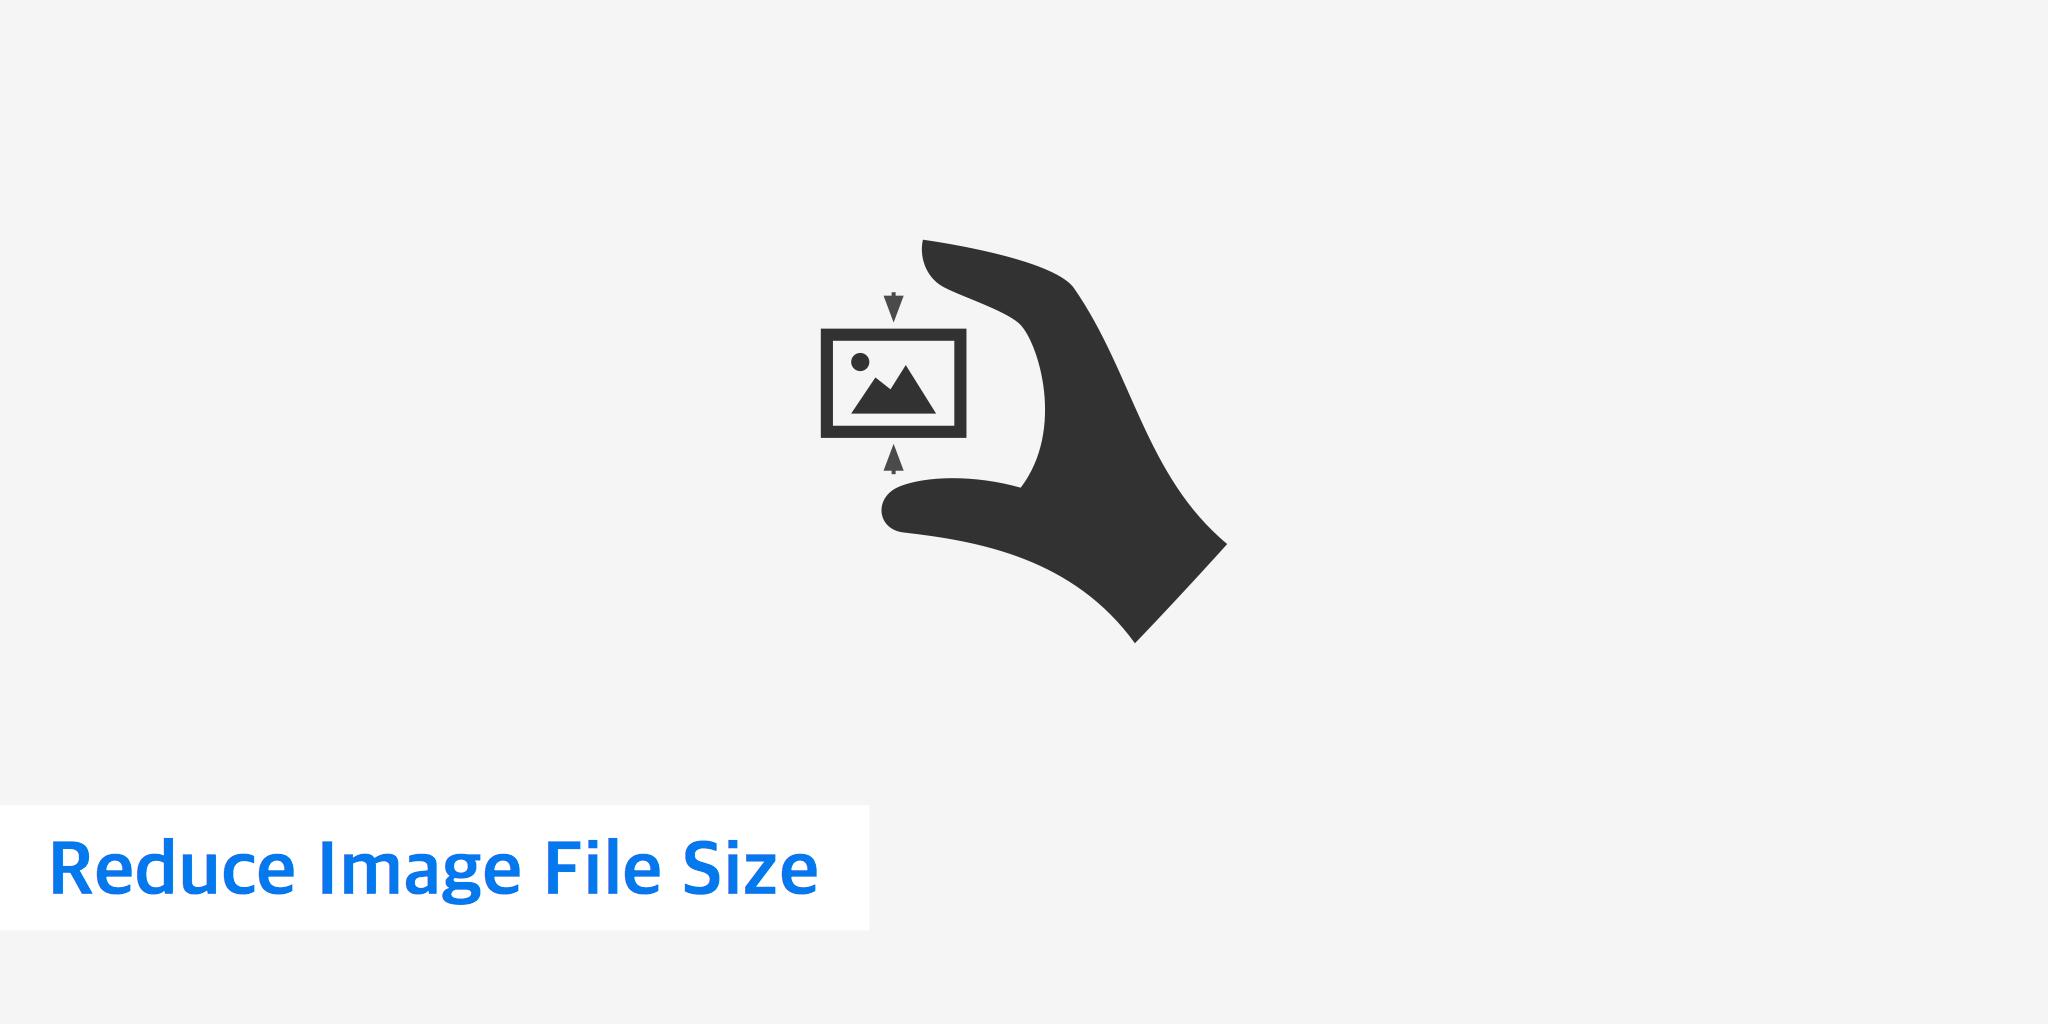 Reduce Image File Size.